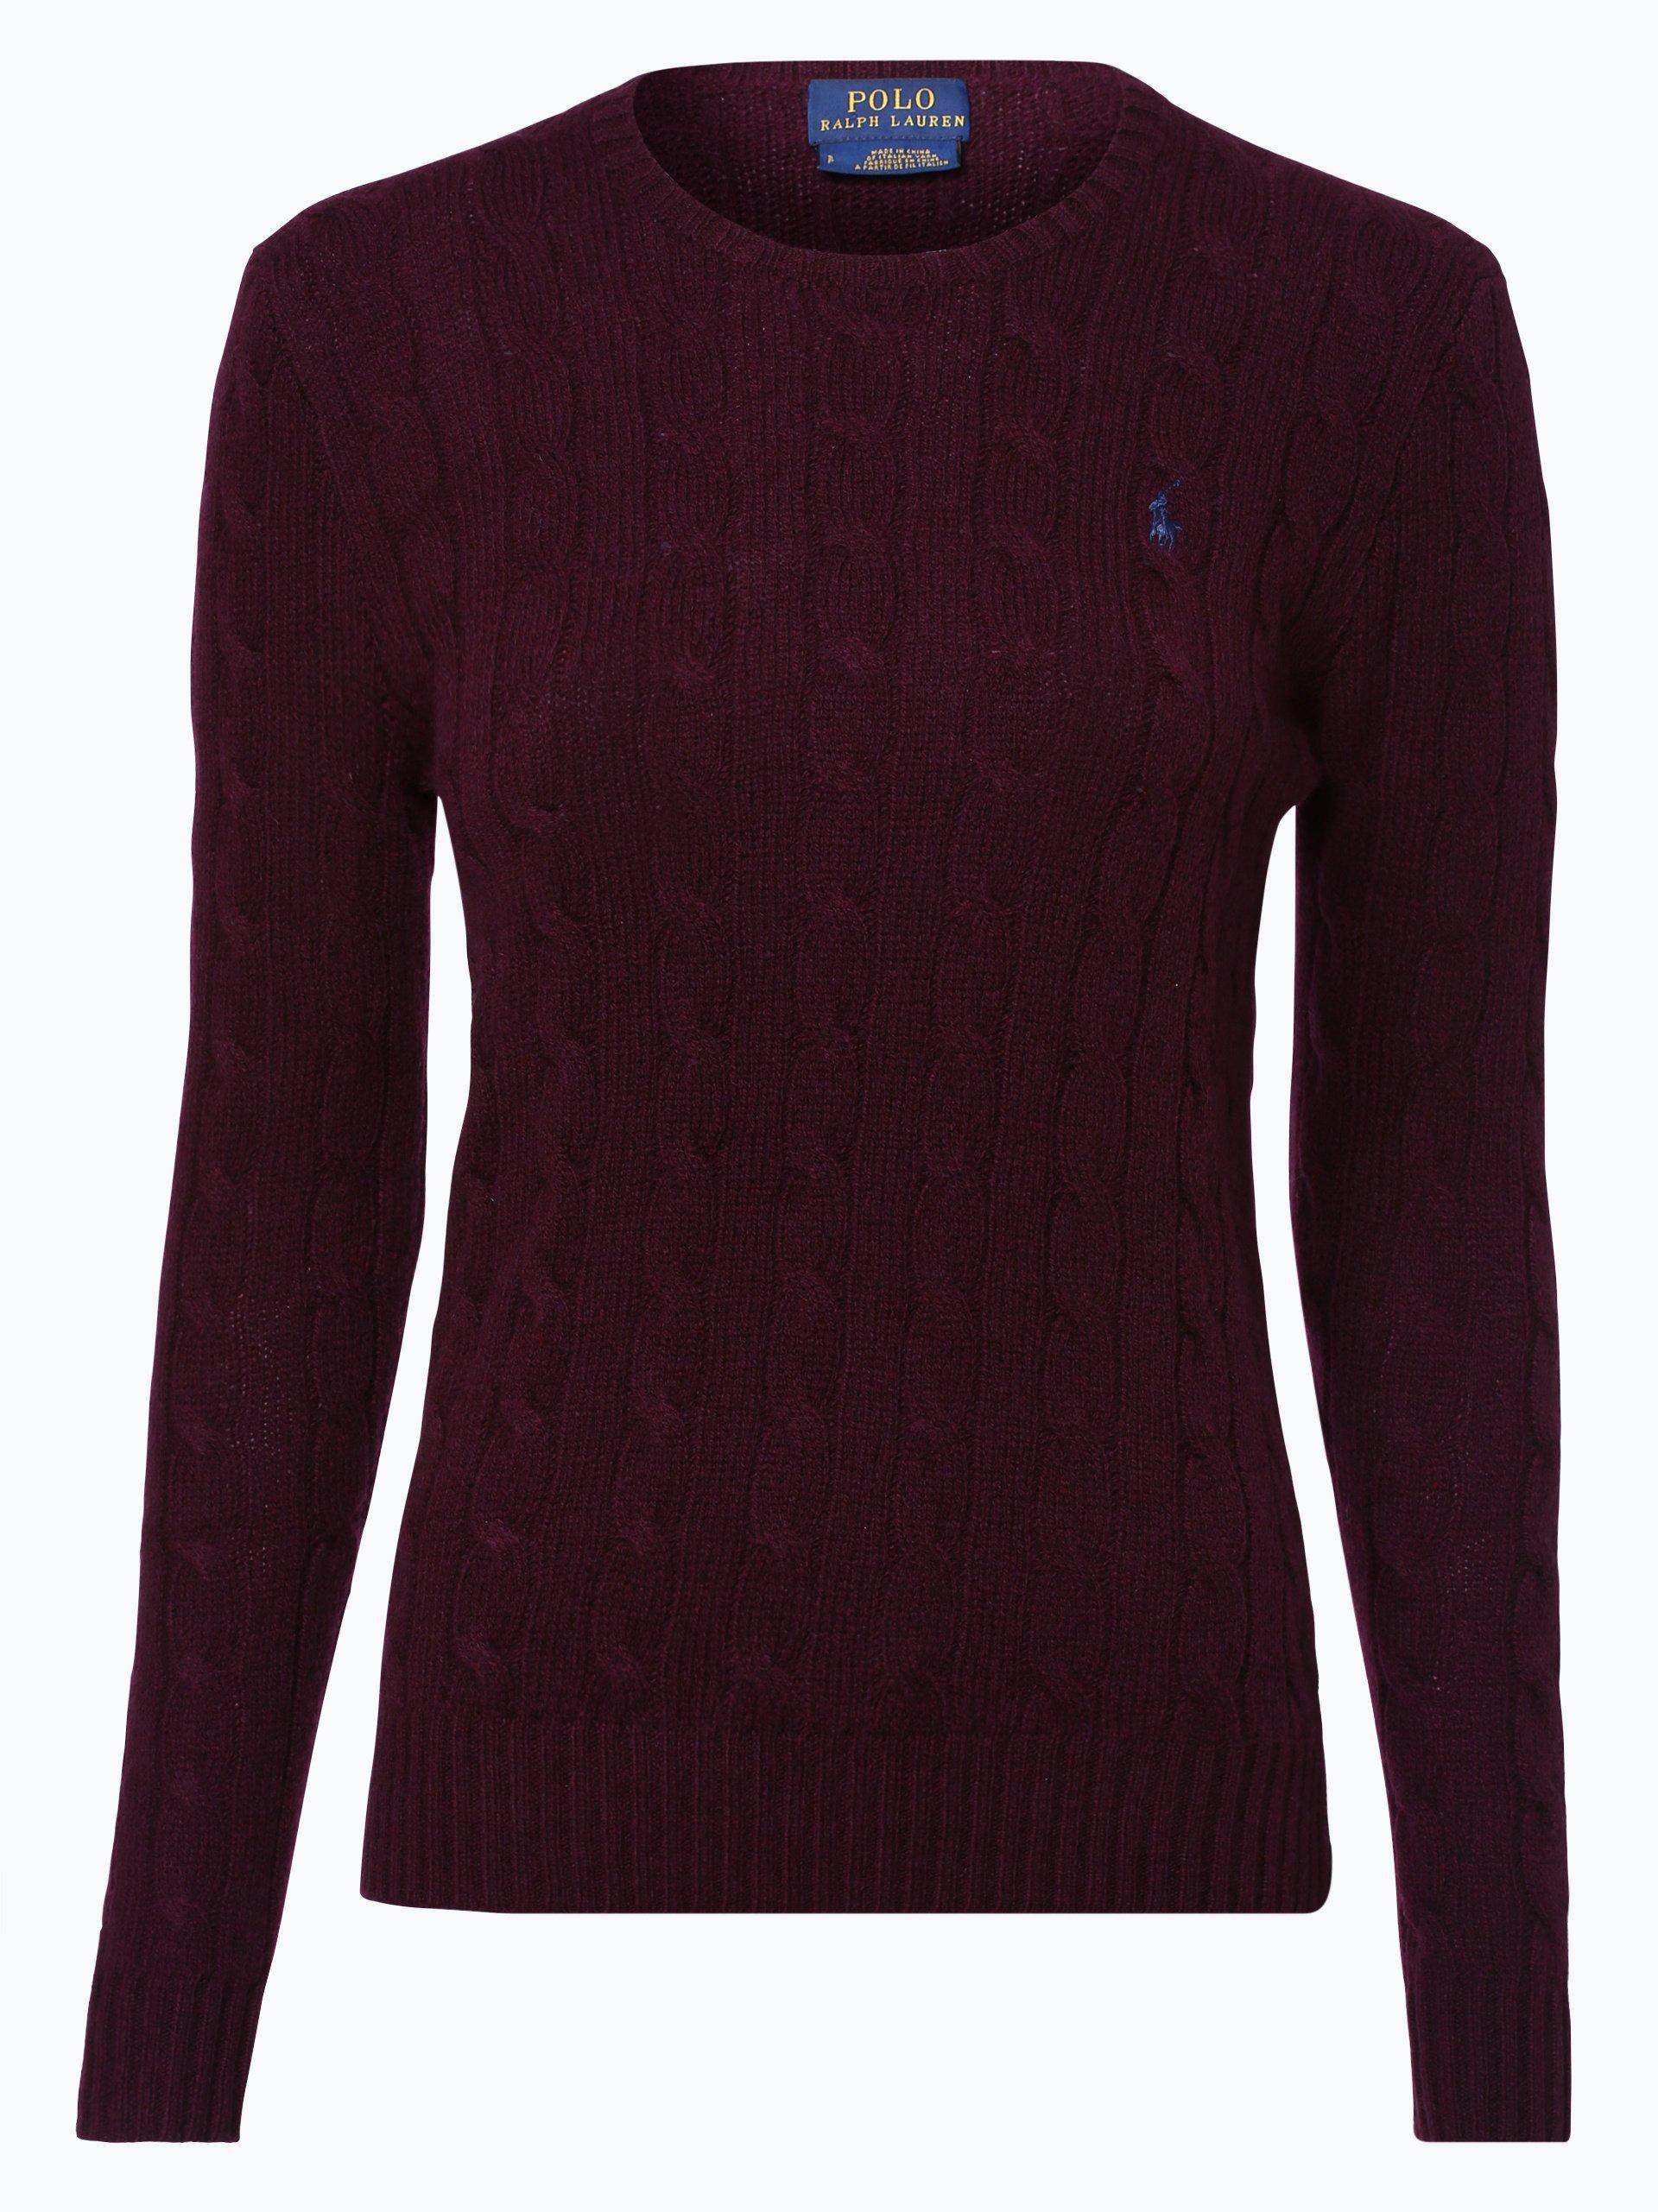 b0062b027b9a23 Polo Ralph Lauren Damen Pullover mit Cashmere-Anteil online kaufen ...